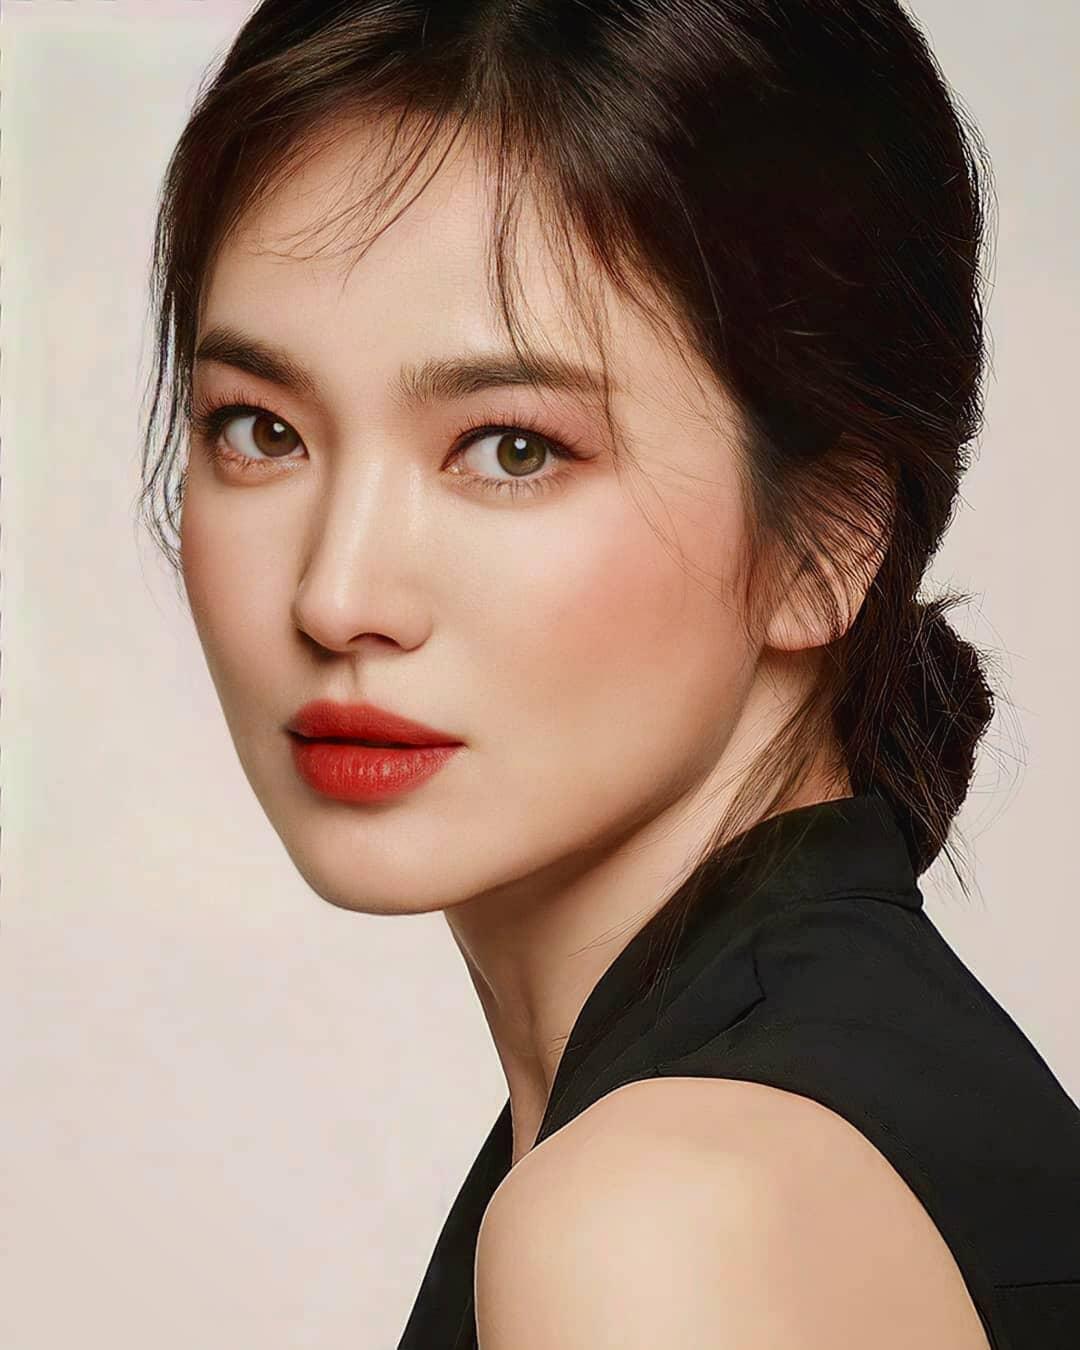 Nhìn Song Hye Kyo makeup nhạt đã quen, nhưng nhìn cô 'biến hình' makeup đậm  qua ảnh của fan thì bạn sẽ ngỡ ngàng